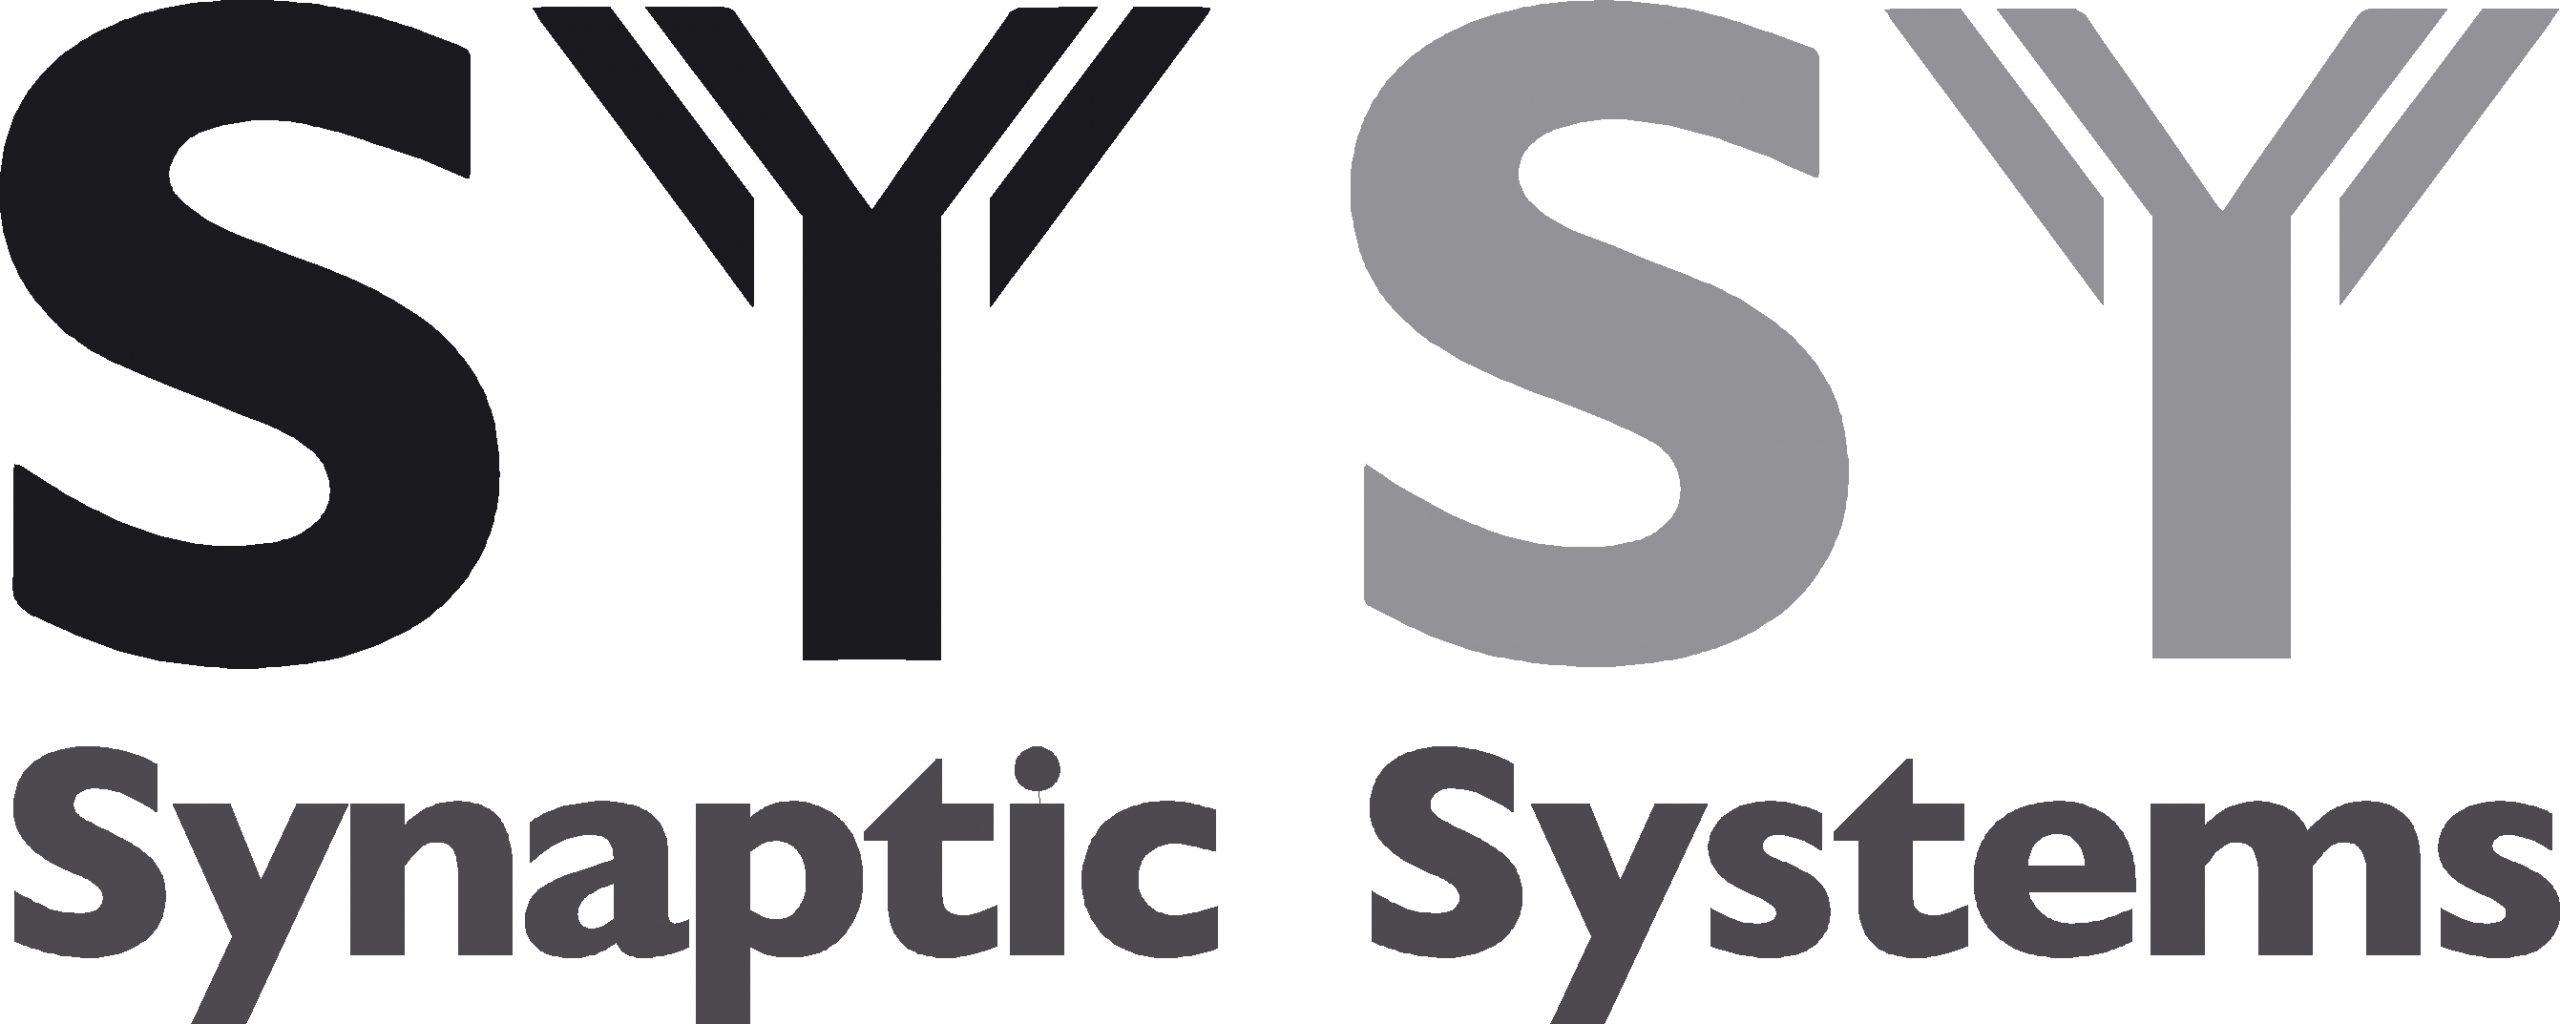 Logo: SySy – Synaptic Systems